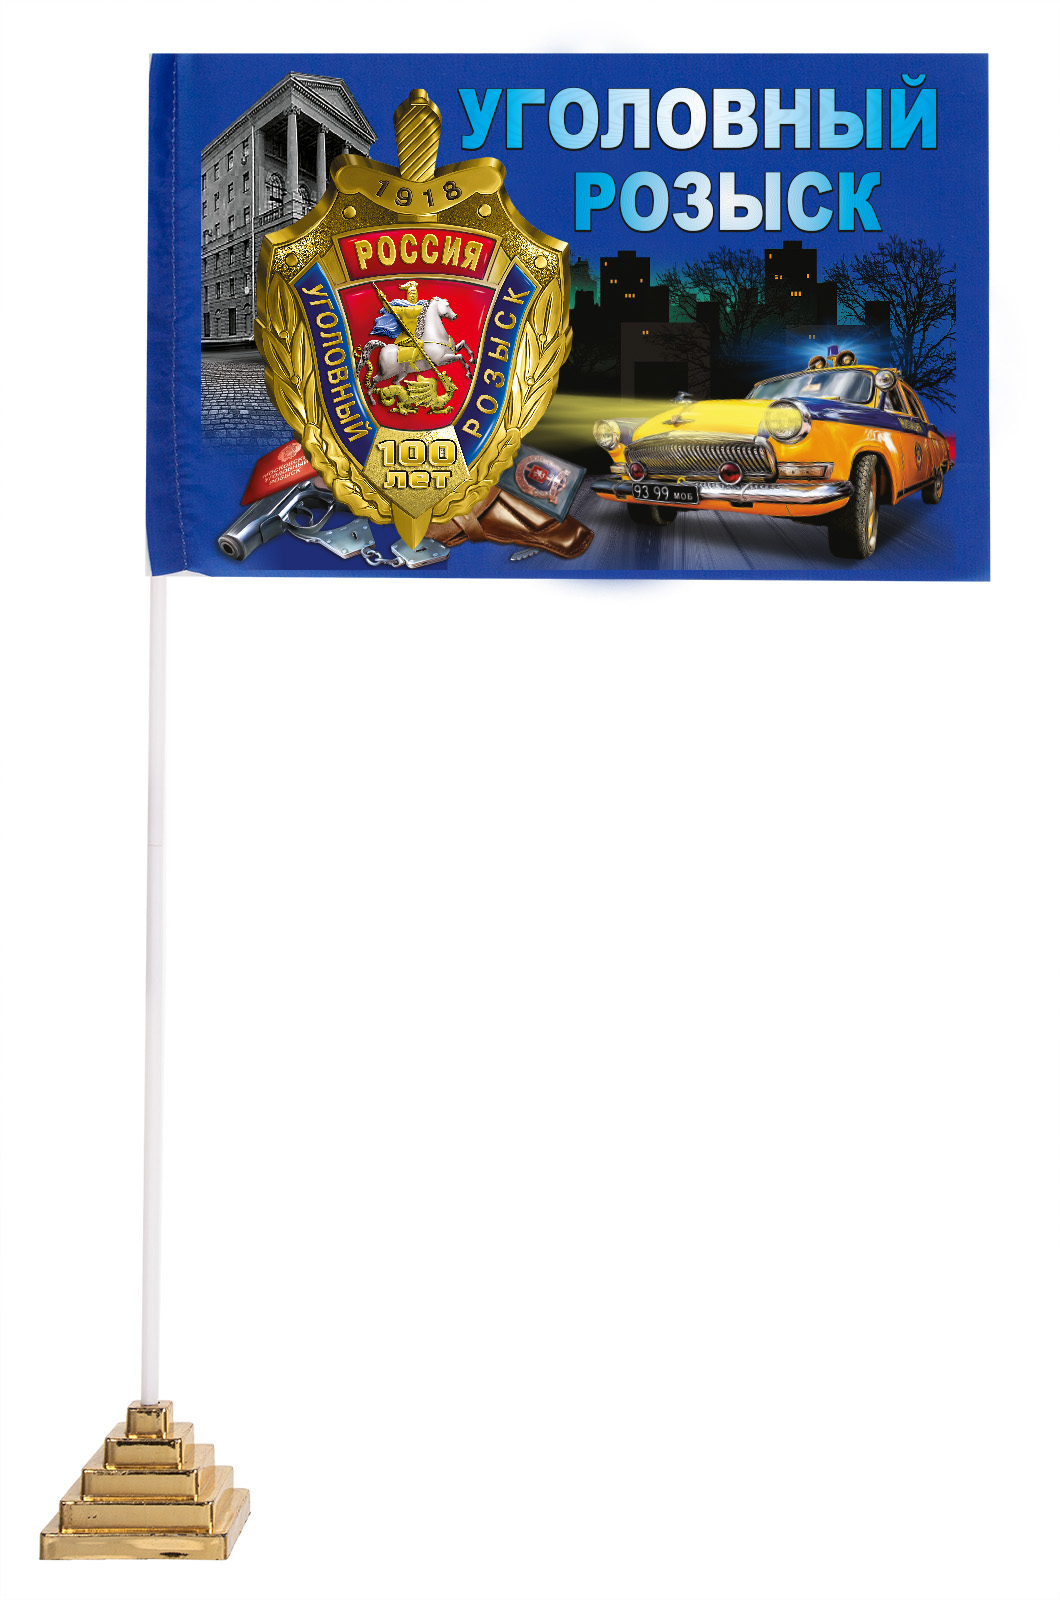 Поздравлением айт, открытки 100 летие уголовного розыска